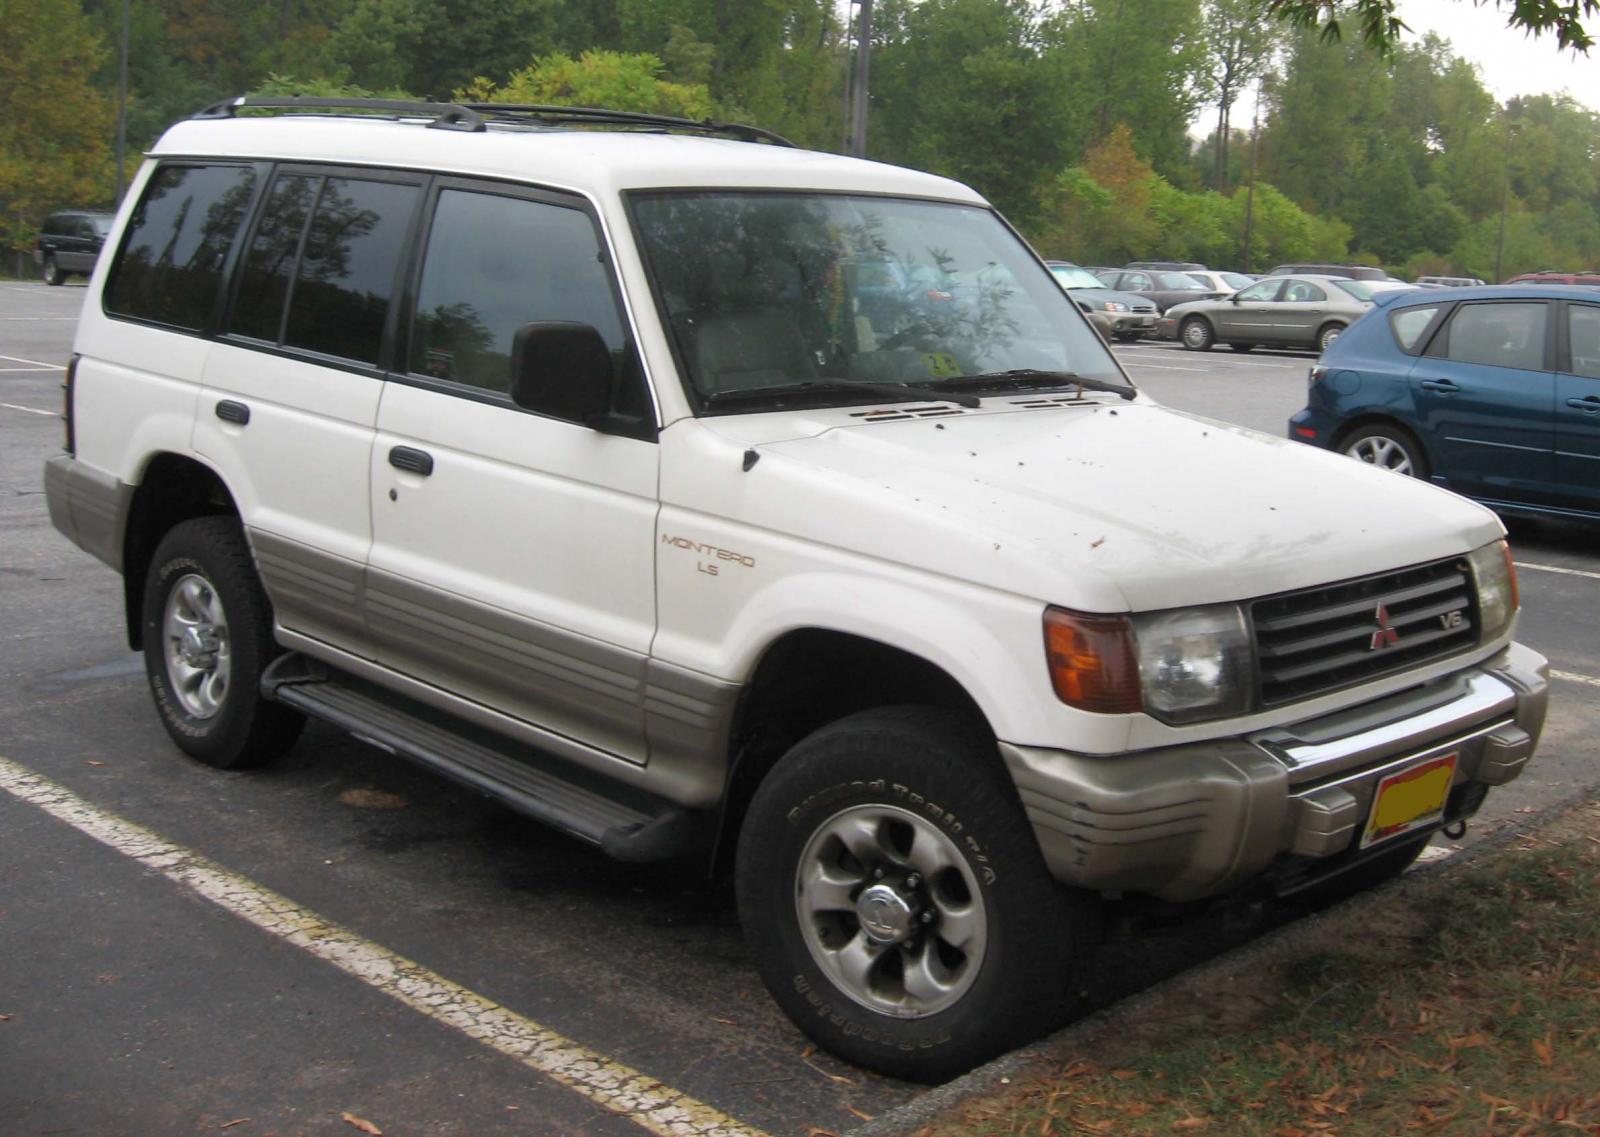 800 1024 1280 1600 origin 1991 Mitsubishi Montero ...